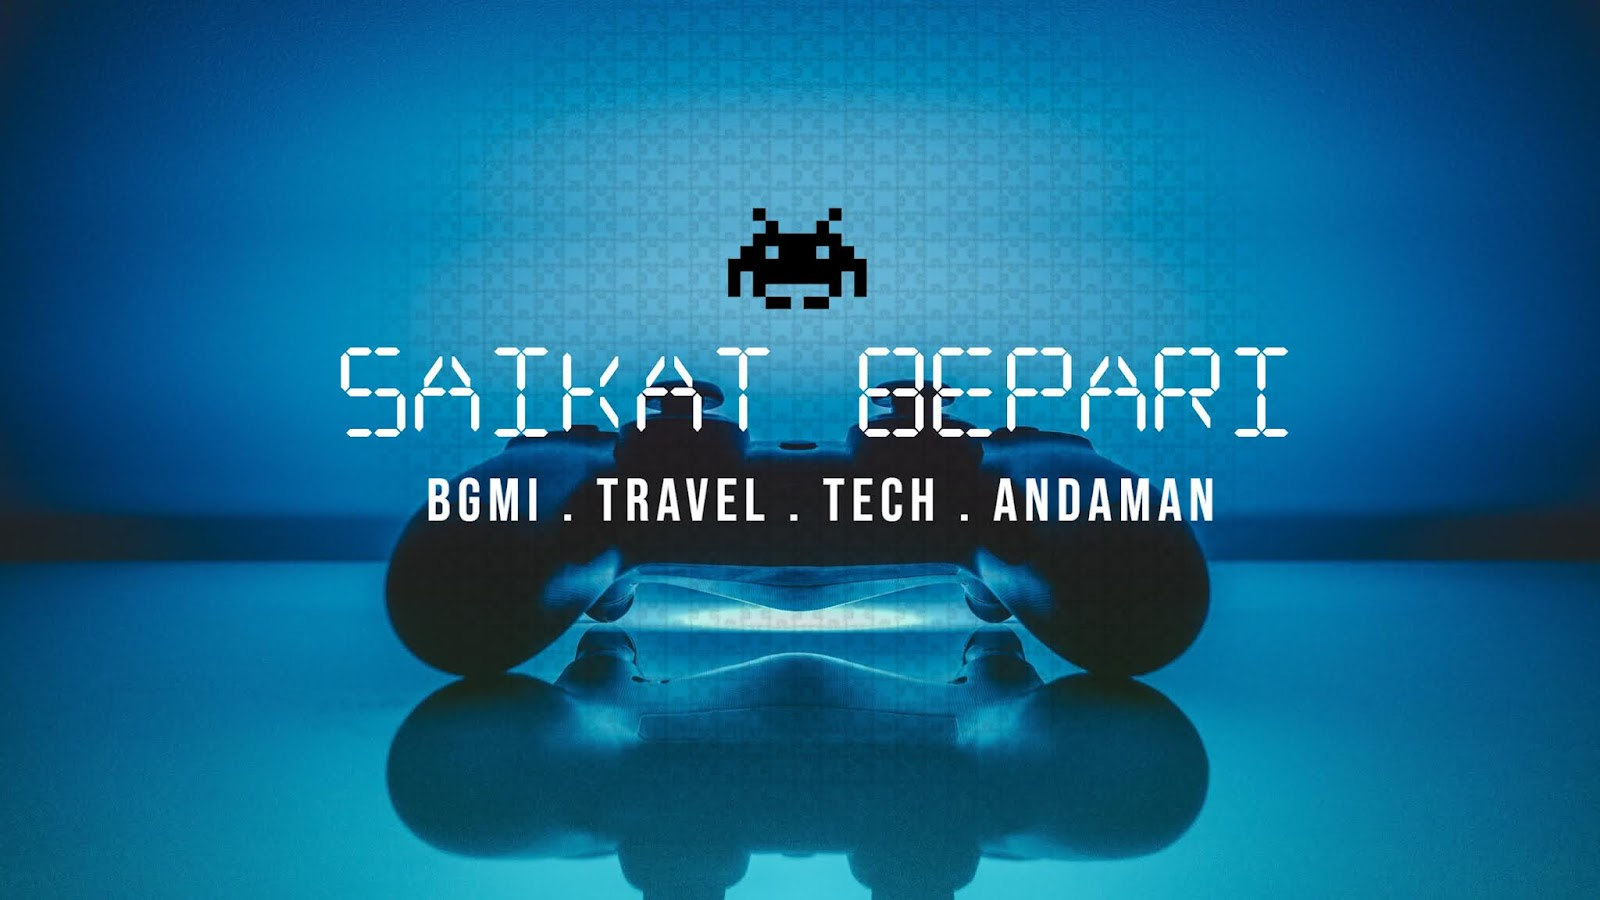 Saikat Bepari